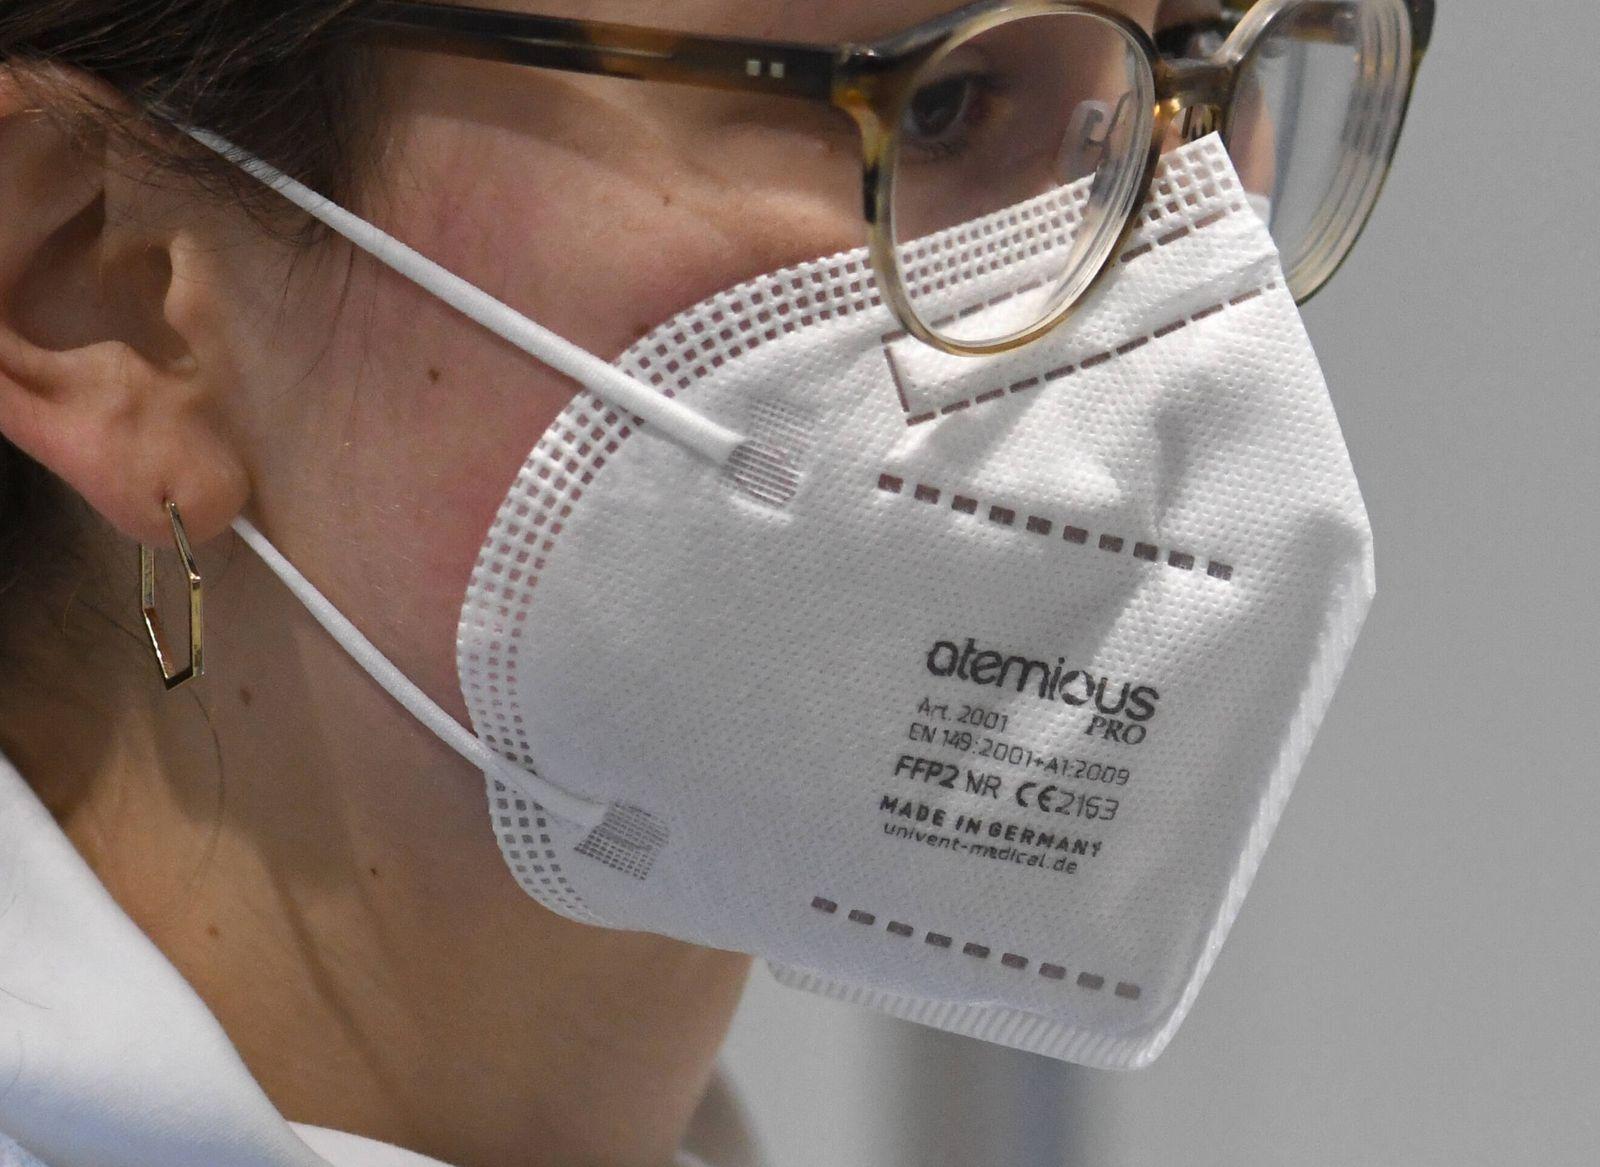 Eine junge Frau traegt bei einem Probelauf im zentralen Impfzentrum in Freiburg eine zertifizierte FFP2-Maske. Die koste